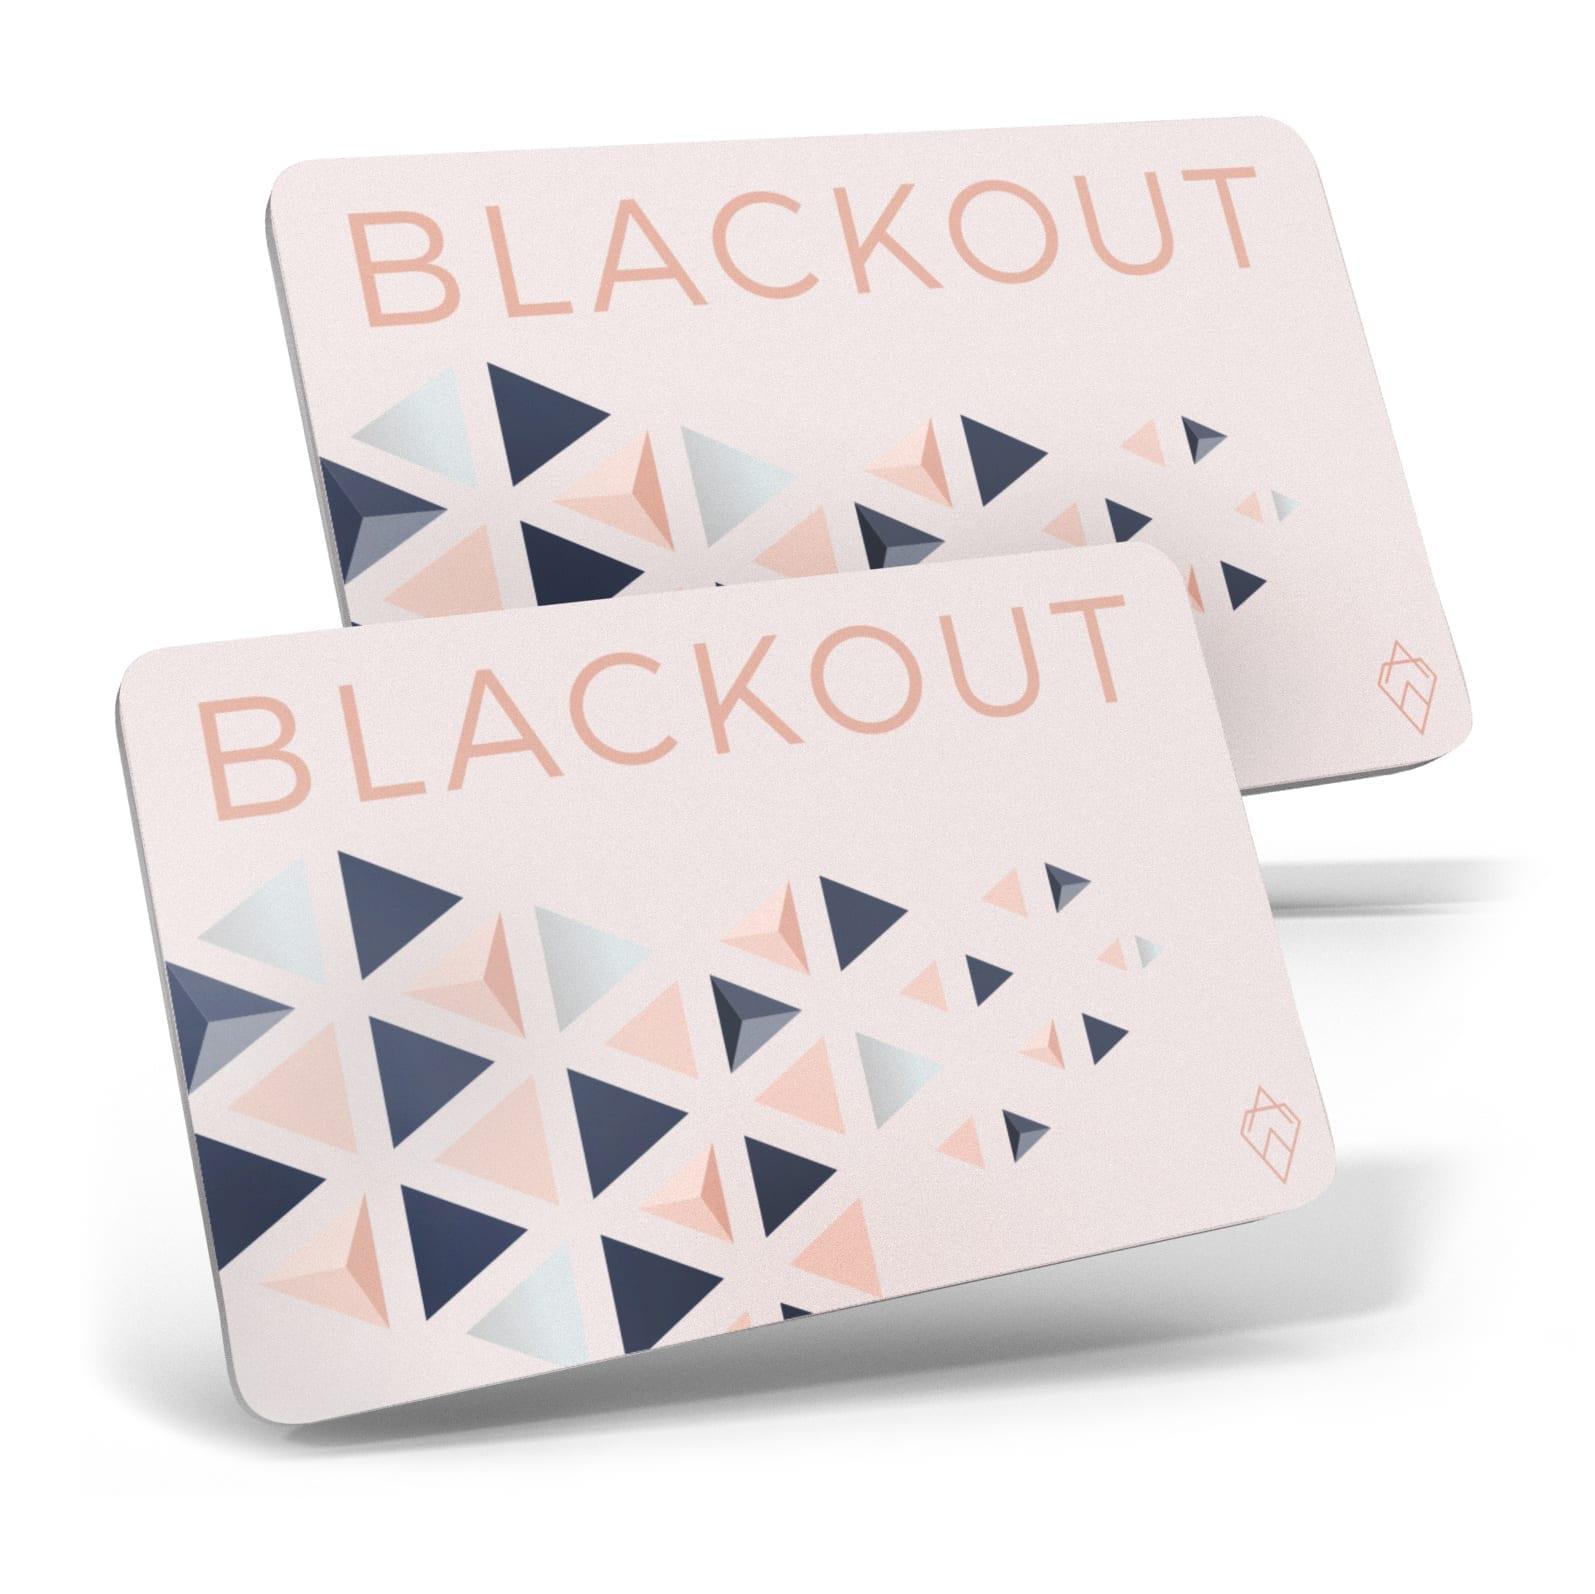 01-Main-Blackout-2 Pack Pink-v2.1